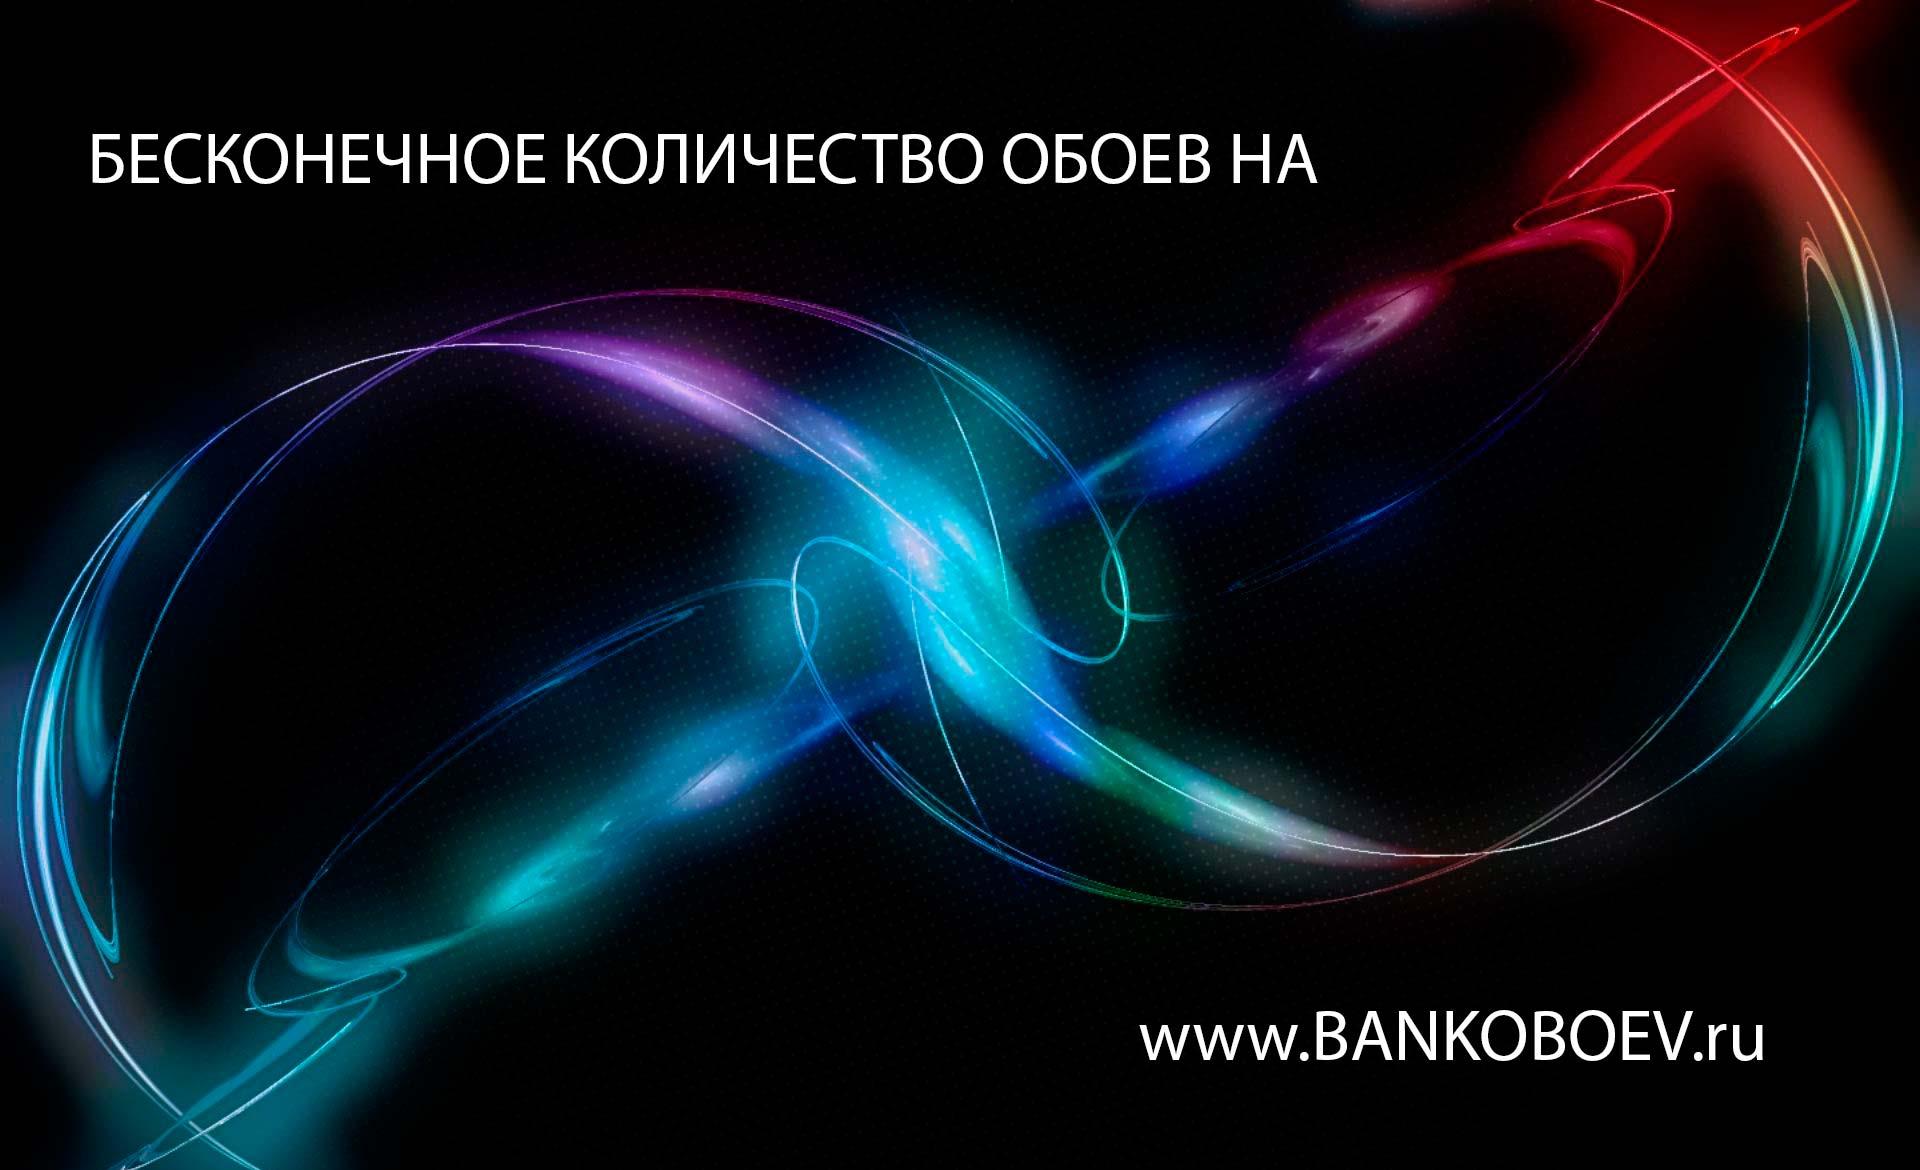 Source httpwwwbankoboevruimagesMjgwNzUyBankoboevRu spokoinoe 1920x1200